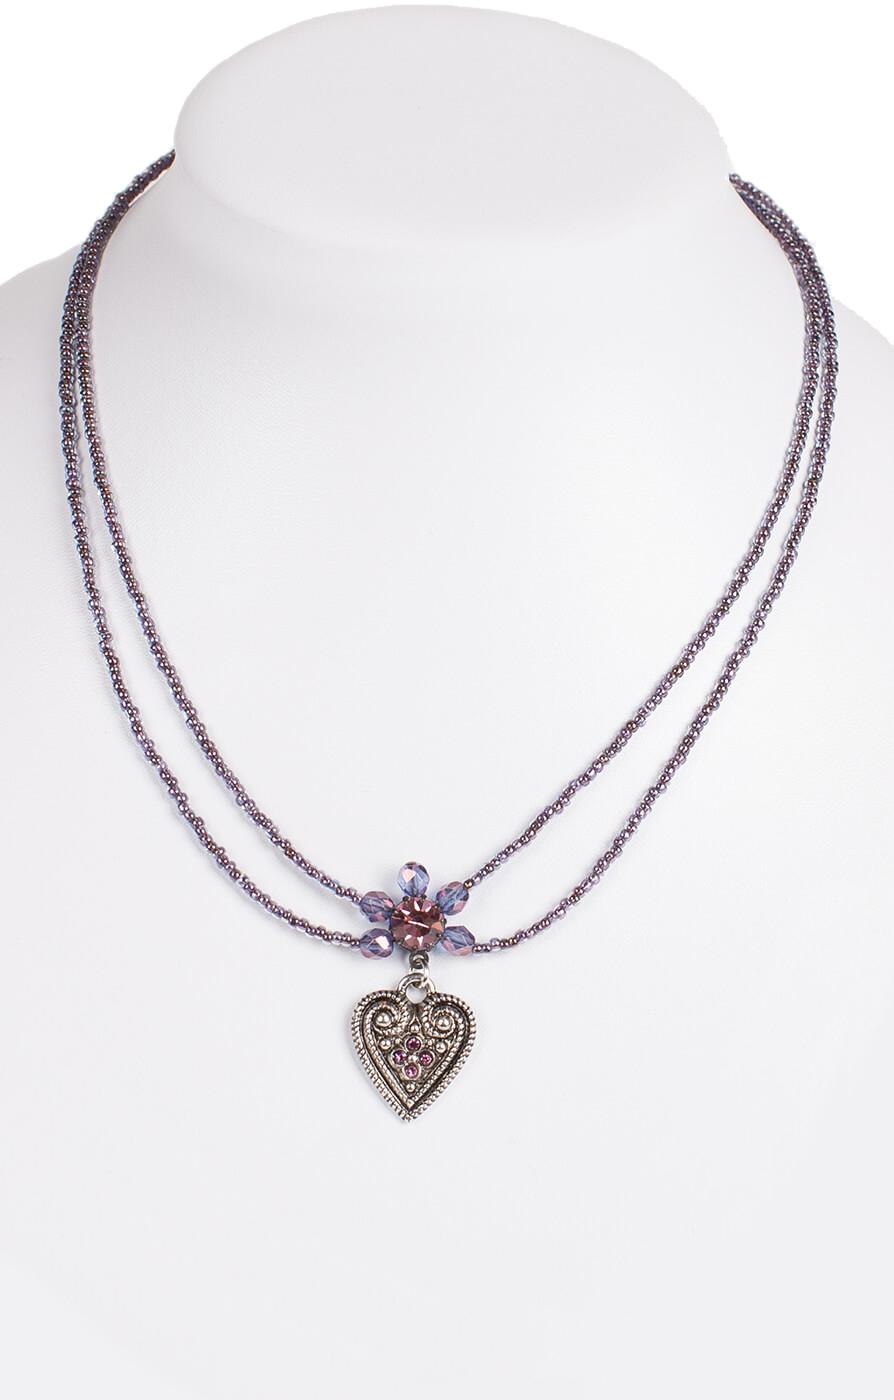 Halskette 2 reihig aus Perlen, 13007 pflaume von Schuhmacher